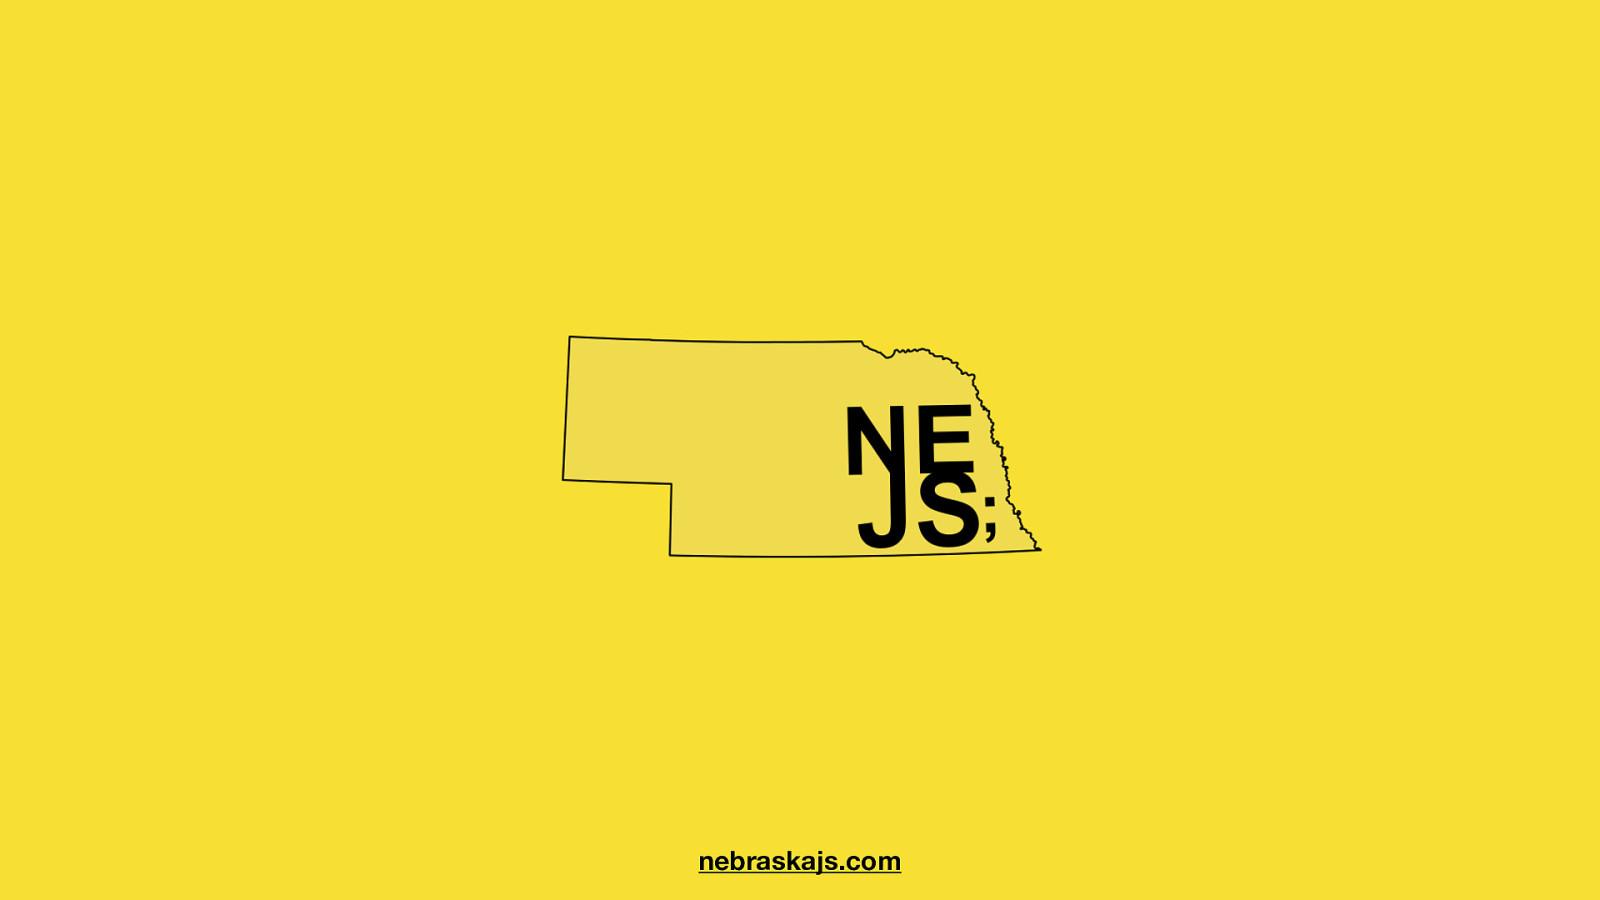 NEJS CONF 2015–2019